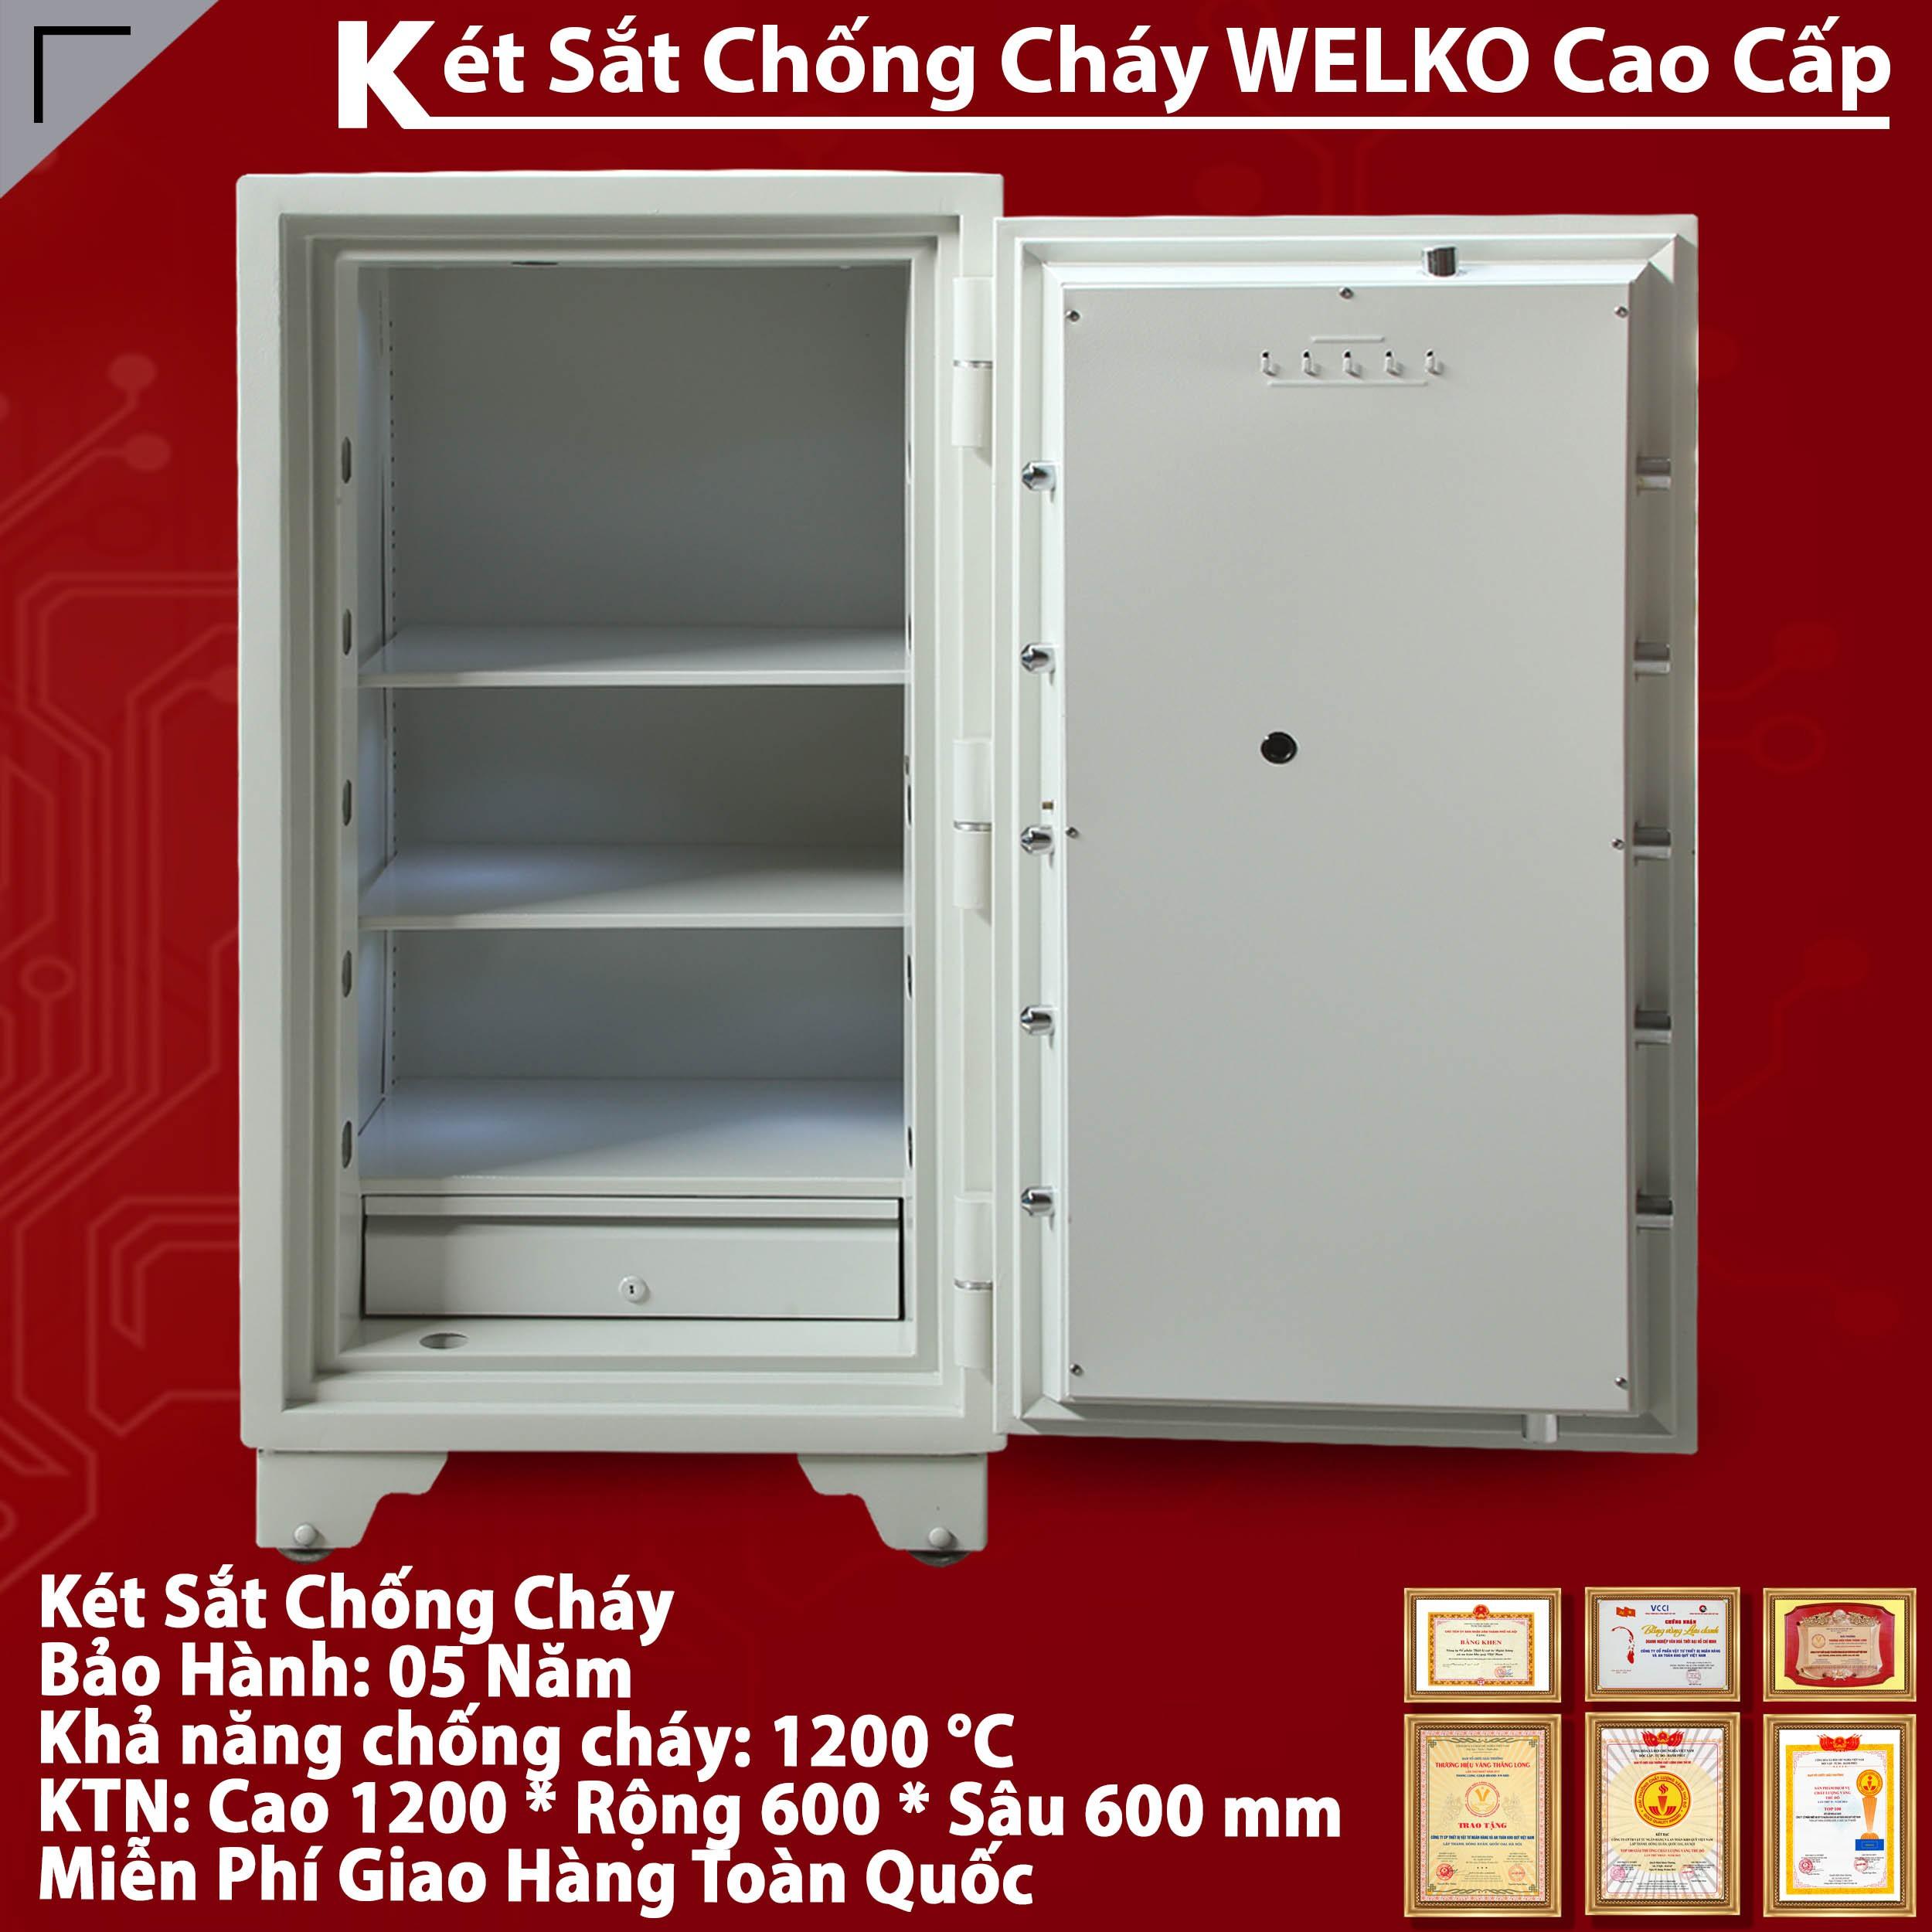 Mua Ket Sat Cao Cap Chinh Hang